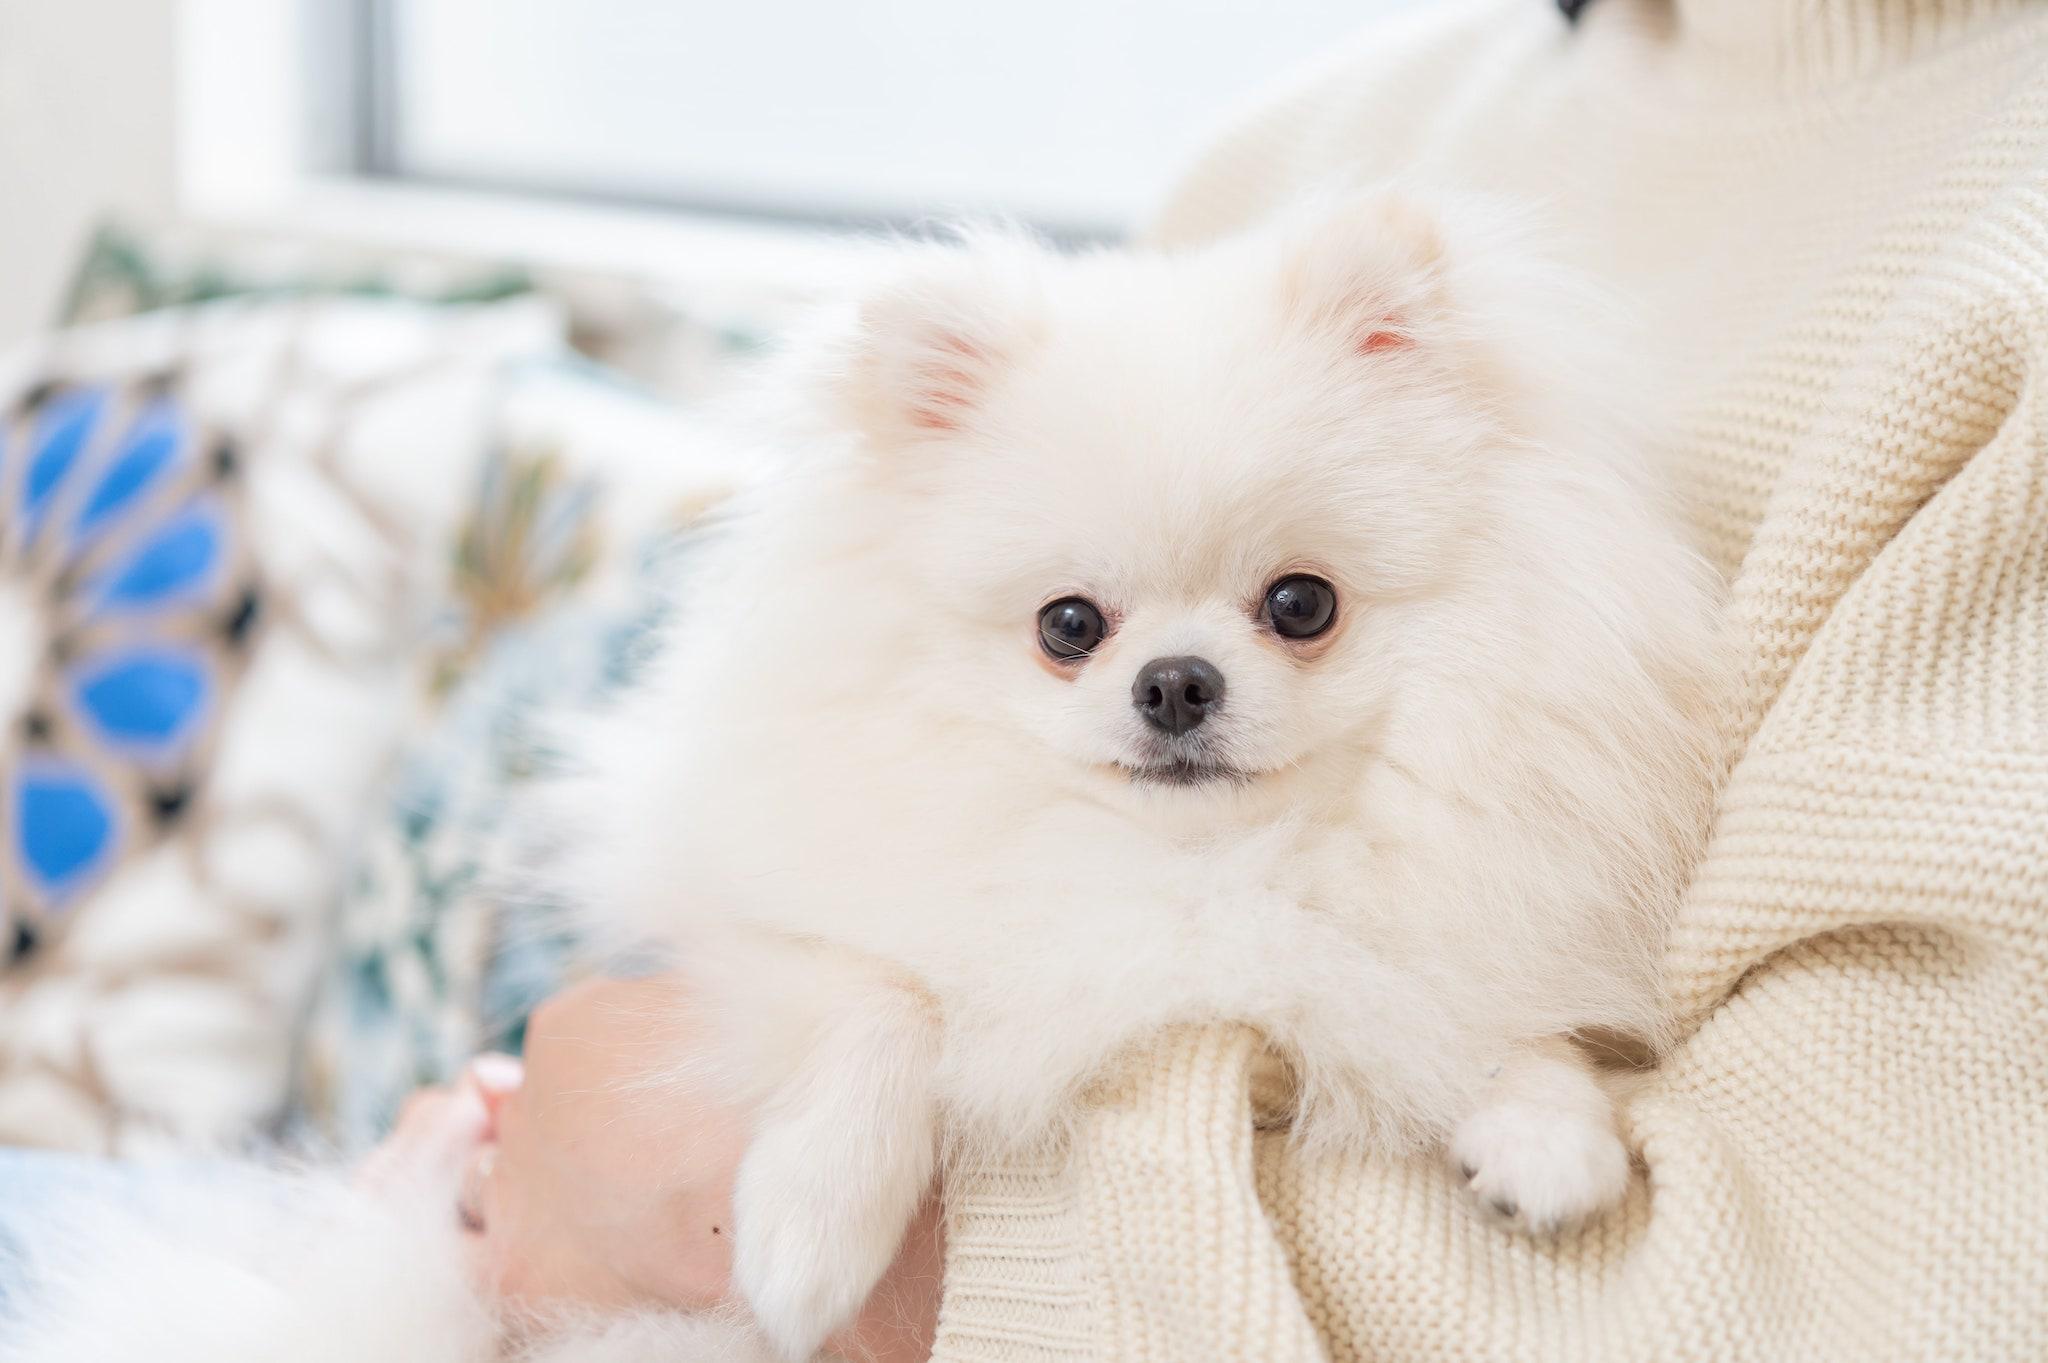 愛犬の毛艶(けづや)が悪化する原因と対策まとめ